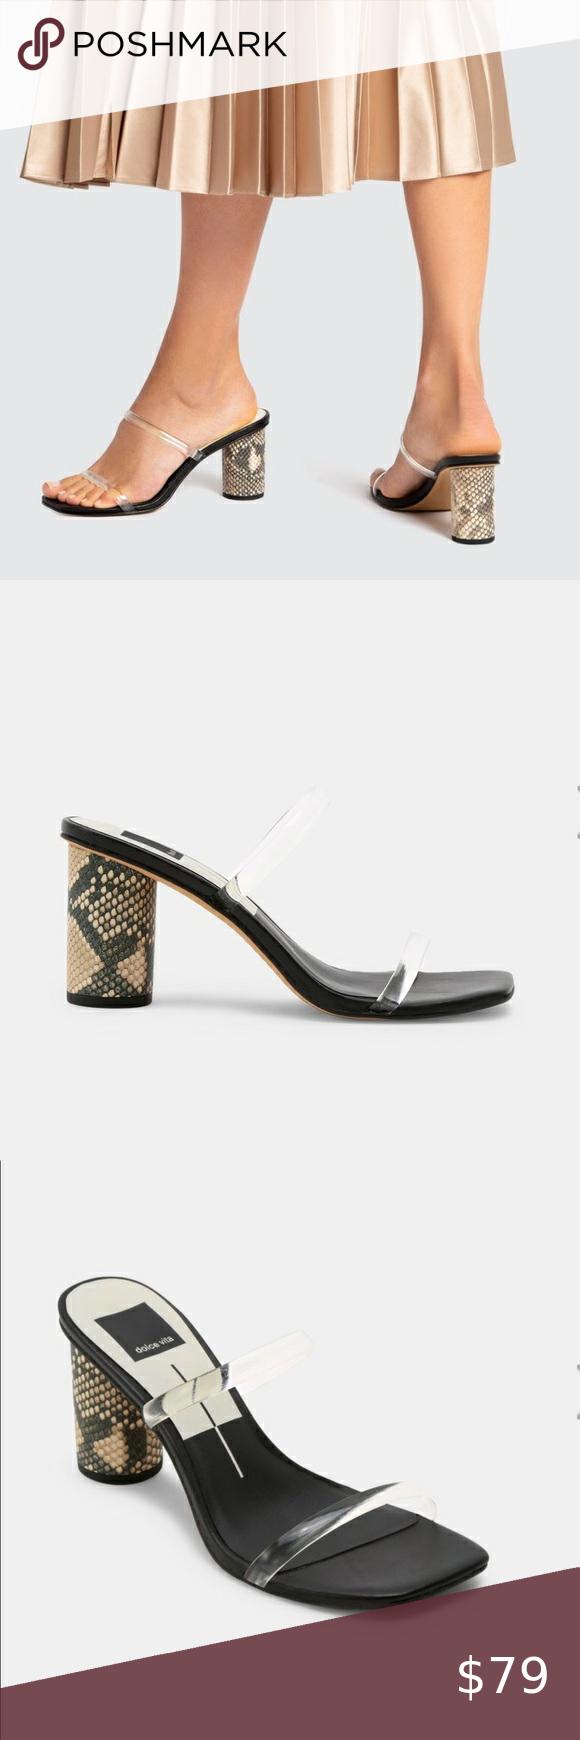 Nib Dolce Vita Noles Heels In Black Crystal 7 5 In 2020 Shoes Women Heels Dolce Vita Heels